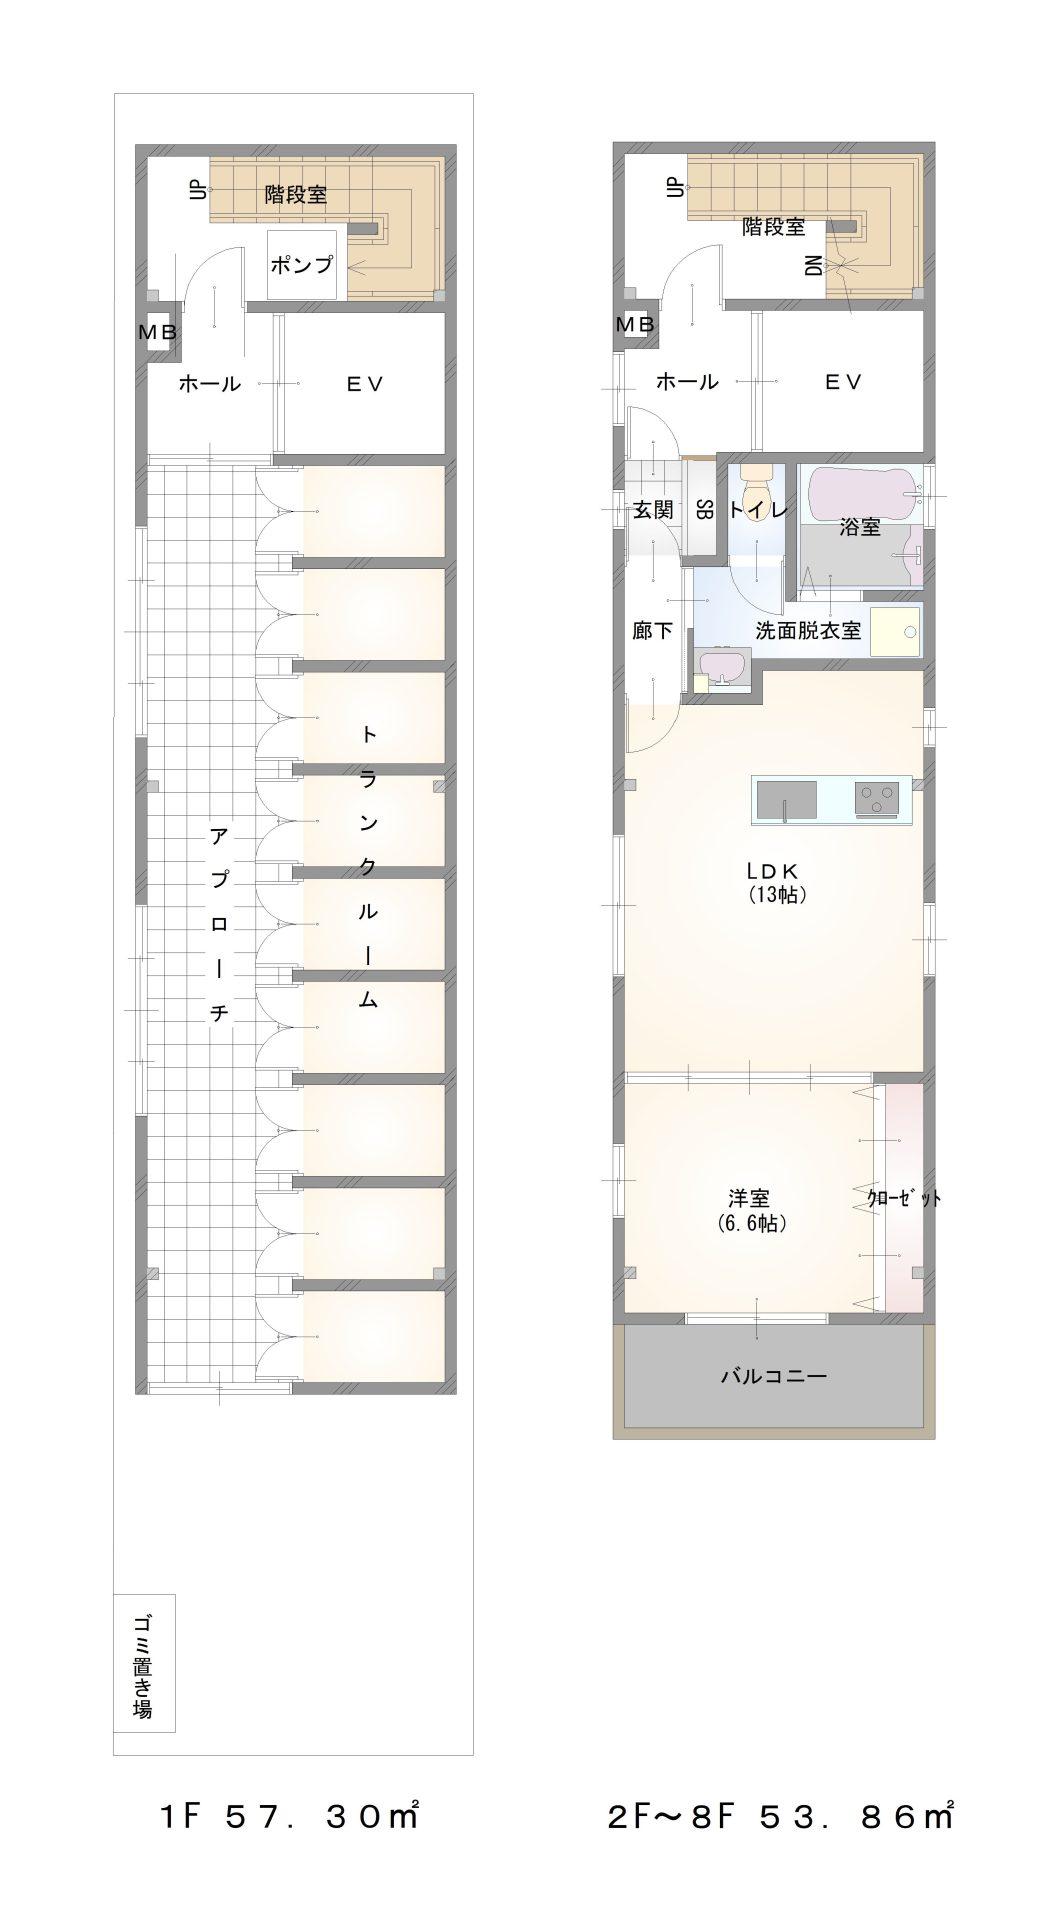 丸山通1 マンションプラン2